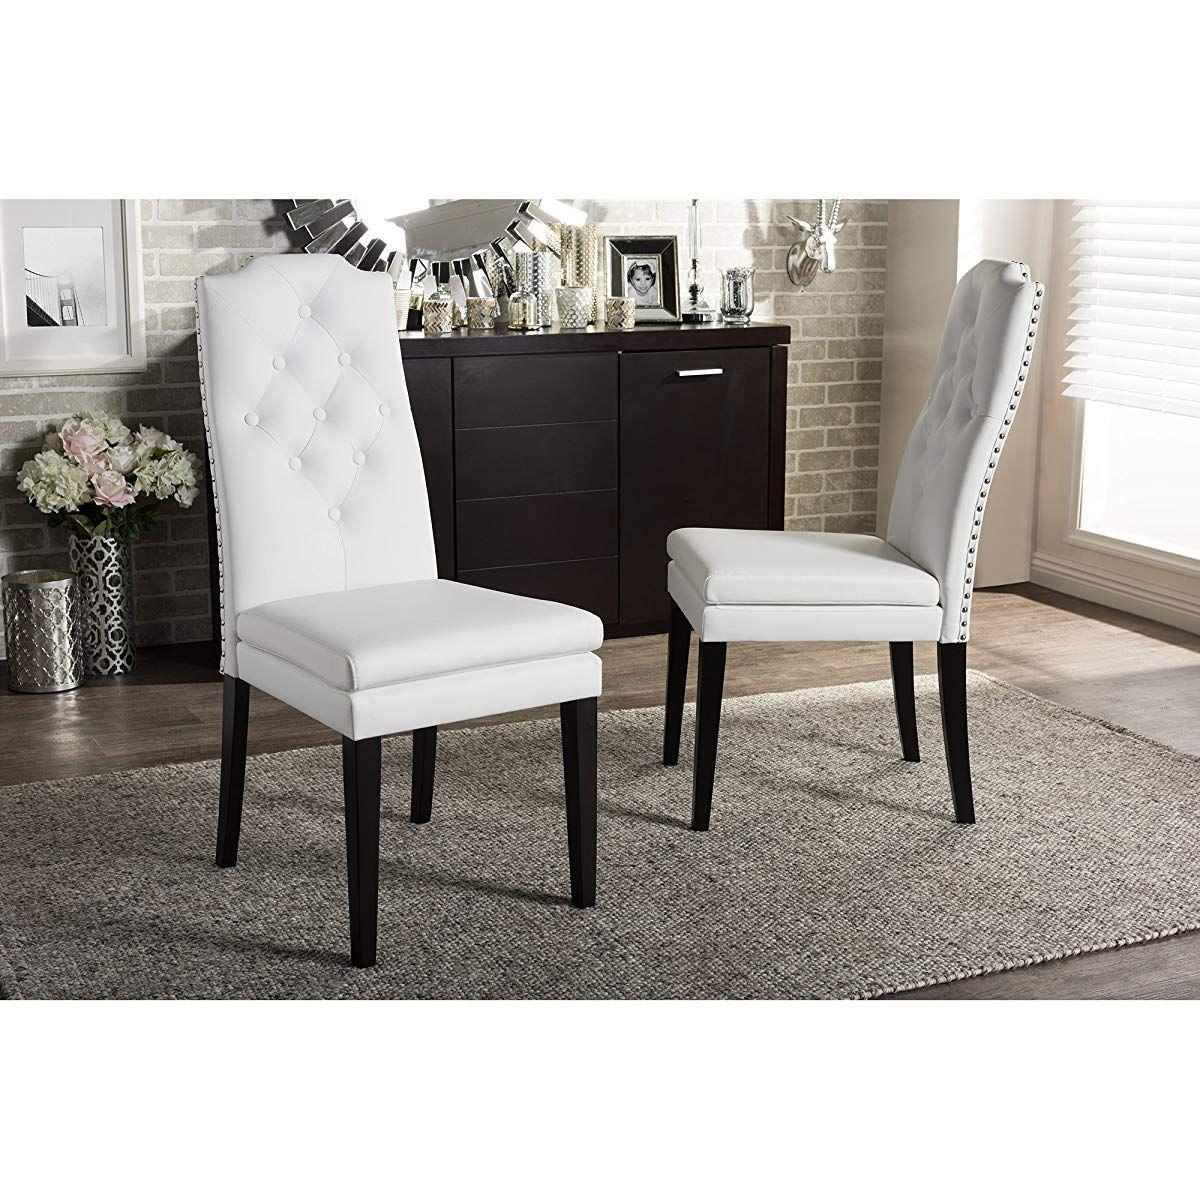 Nailheads Trim Dining Chair White